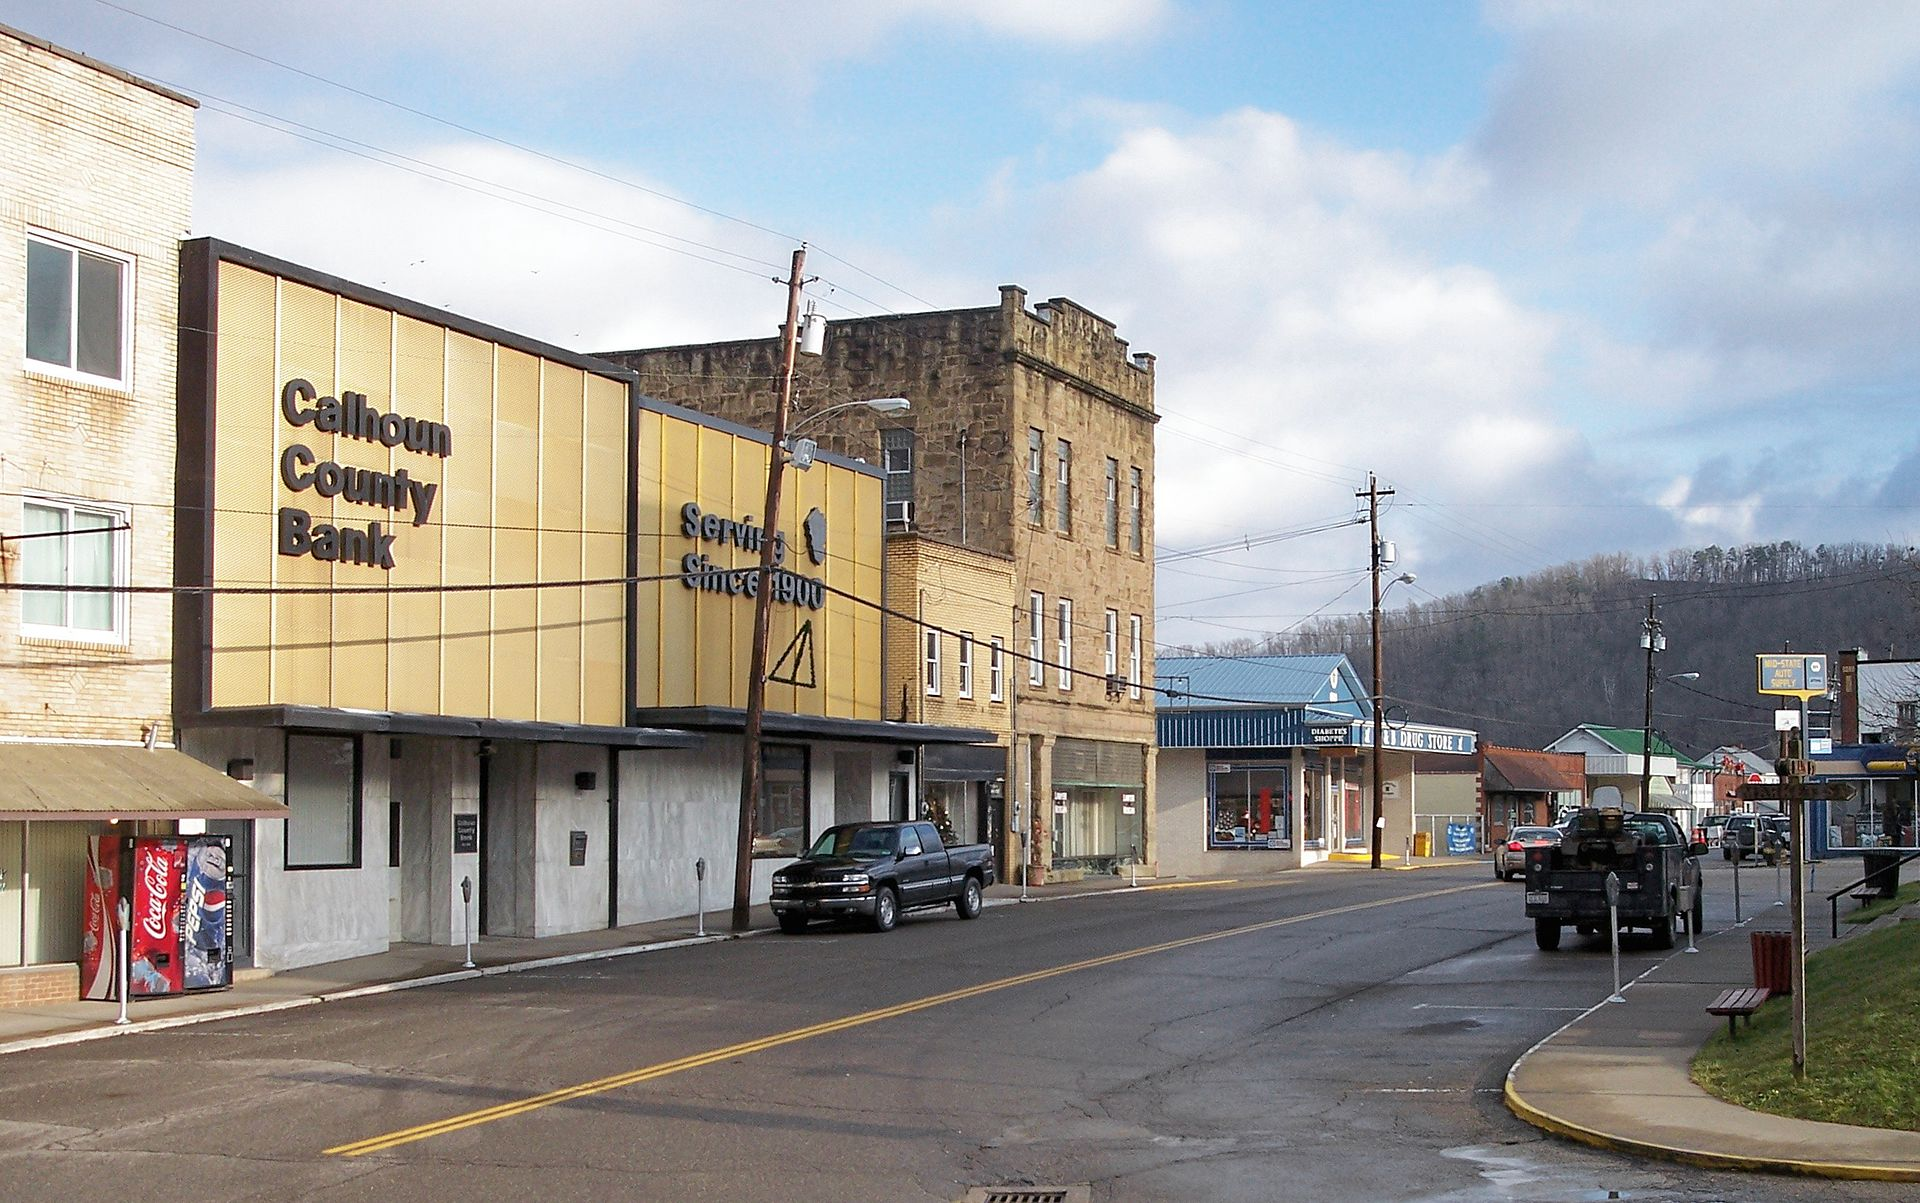 Personals in grantsville west virginia Grantsville MD milf personals